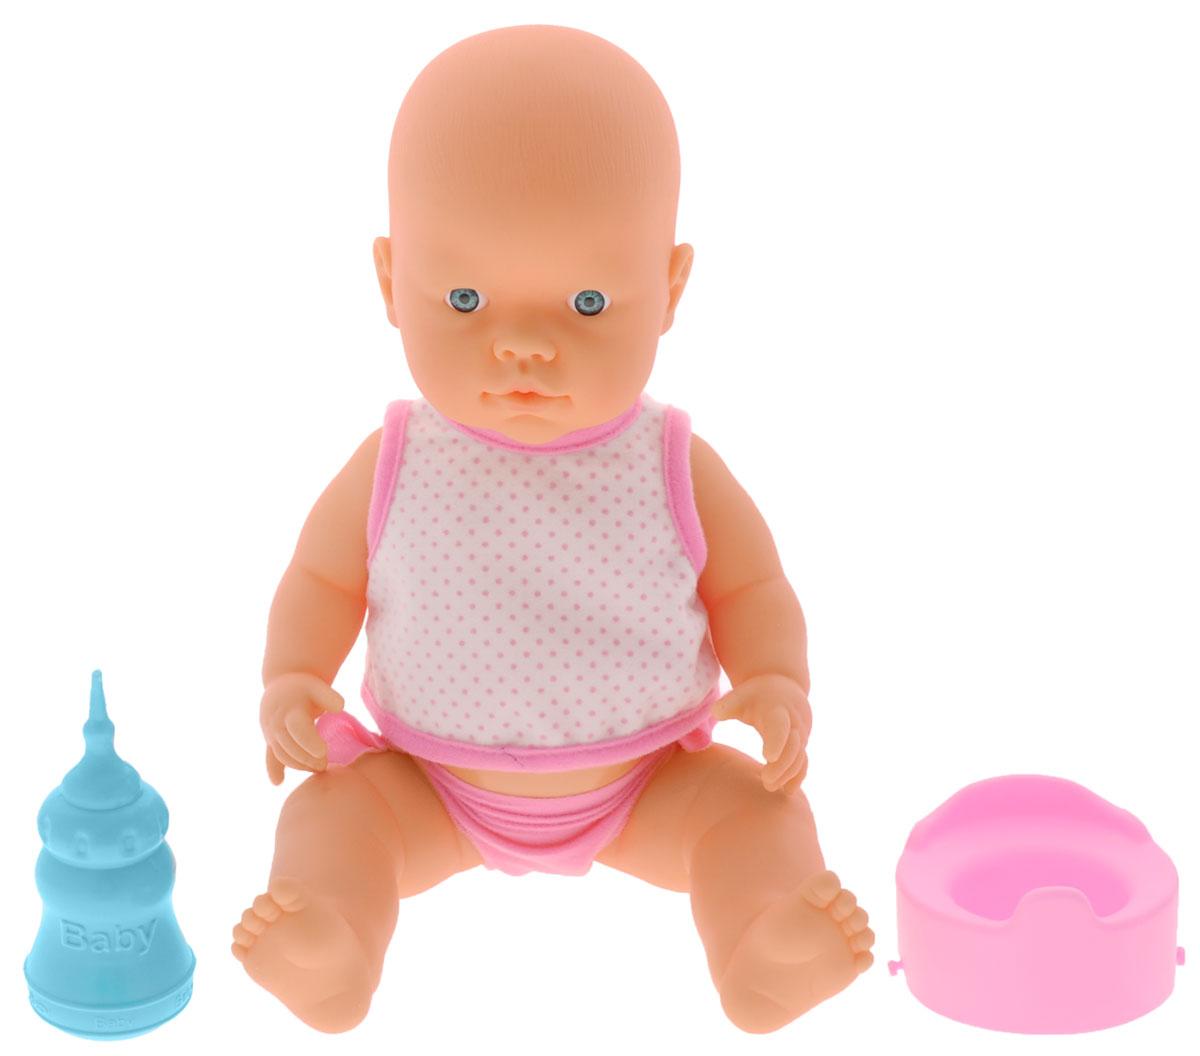 Falca Пупс Baby Pipi цвет одежды белый в розовый горошек1102567_в розовый горошек, горшок розовыйПупс Falca Baby Pipi порадует вашу малышку и доставит ей много удовольствия от часов, посвященных игре с ней. Кукла выглядит как настоящий малыш. Пупс одет в майку и трусики. В набор также входят бутылочка для кормления и горшок. Кукла не только пьет водичку из бутылочки, но и писает в горшок, благодаря чему еще больше похожа на настоящего ребенка. После кормления и туалета пупса можно искупать. Игра с куклой разовьет в вашей малышке чувство ответственности и заботы. Порадуйте свою принцессу таким великолепным подарком!